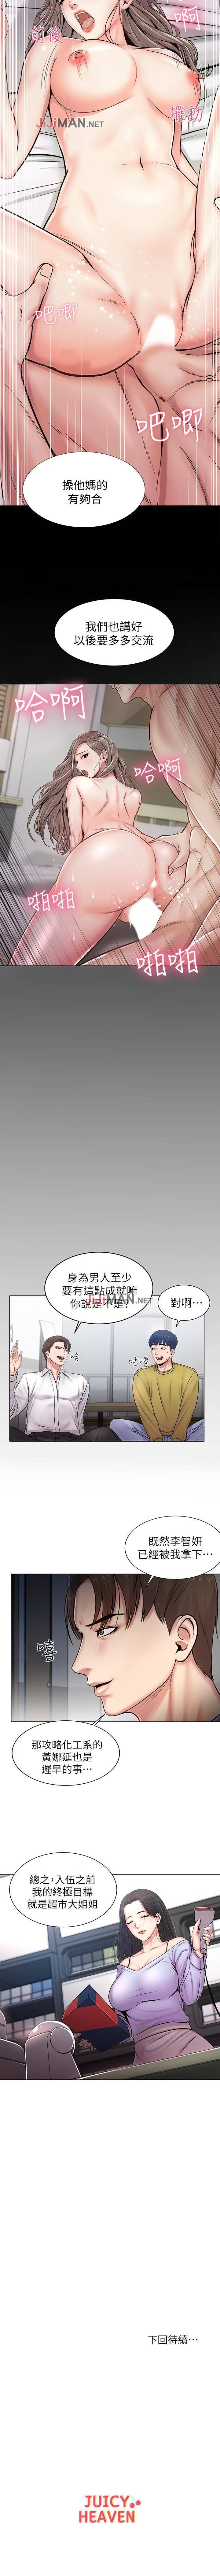 【周三连载】超市的漂亮姐姐(作者:北鼻&逃兵) 第1~40话 8